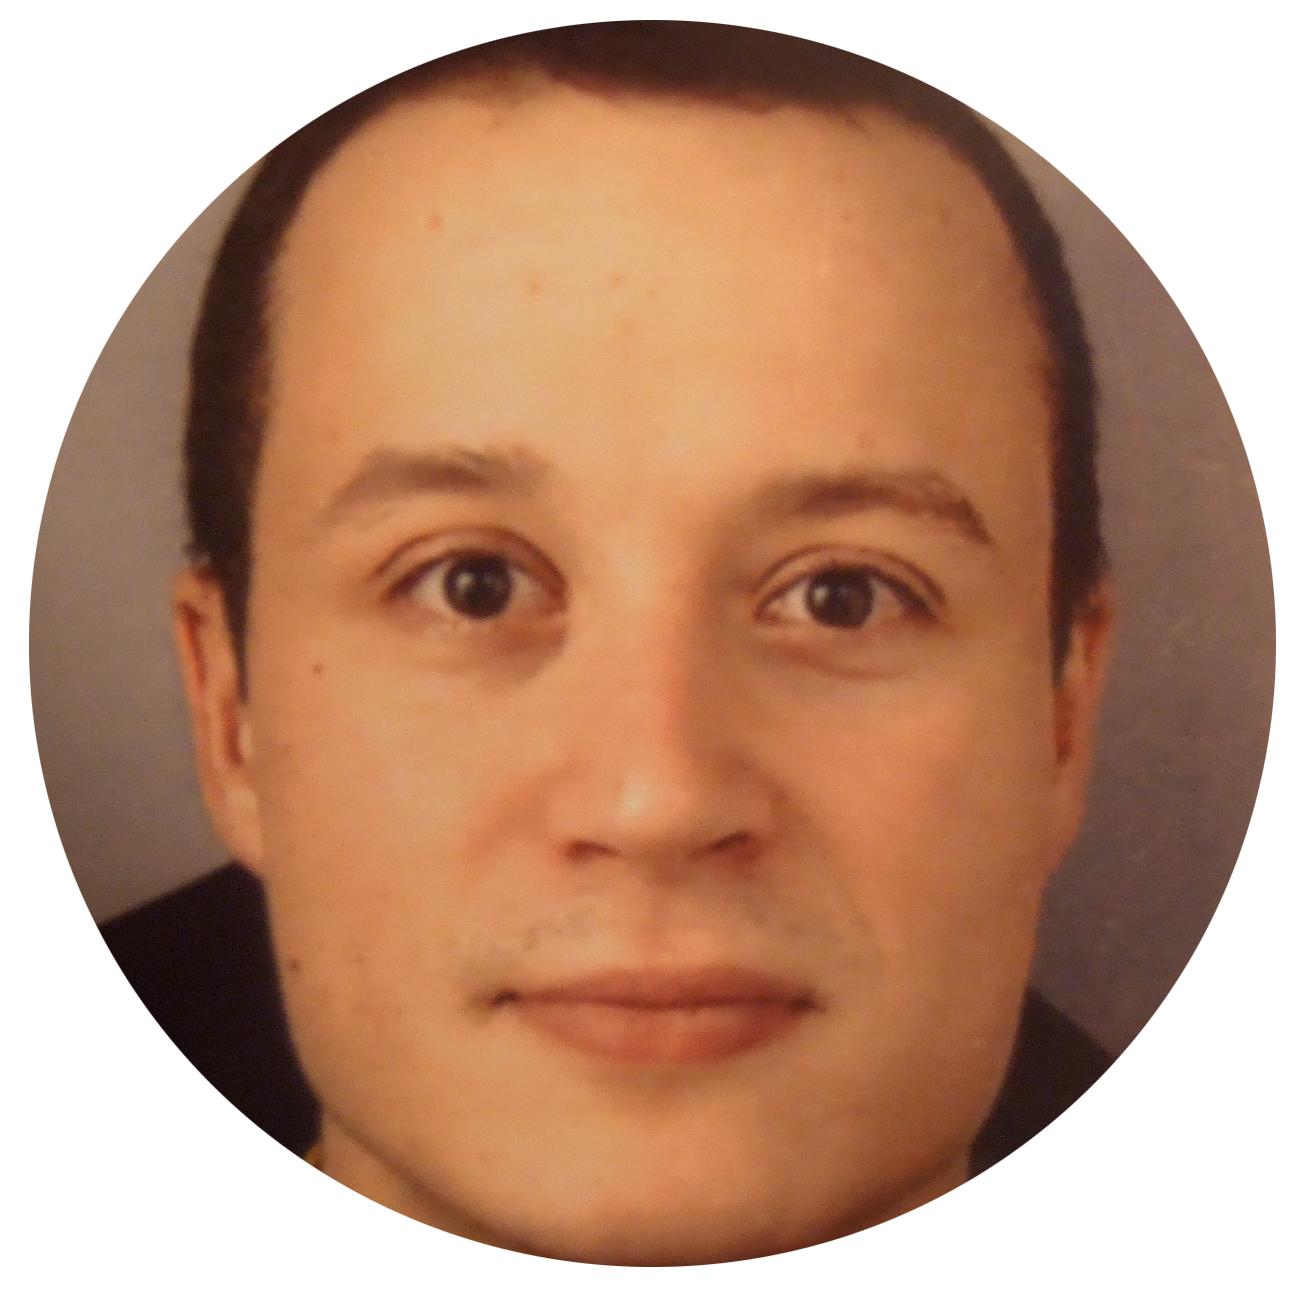 Tomáš Stráník